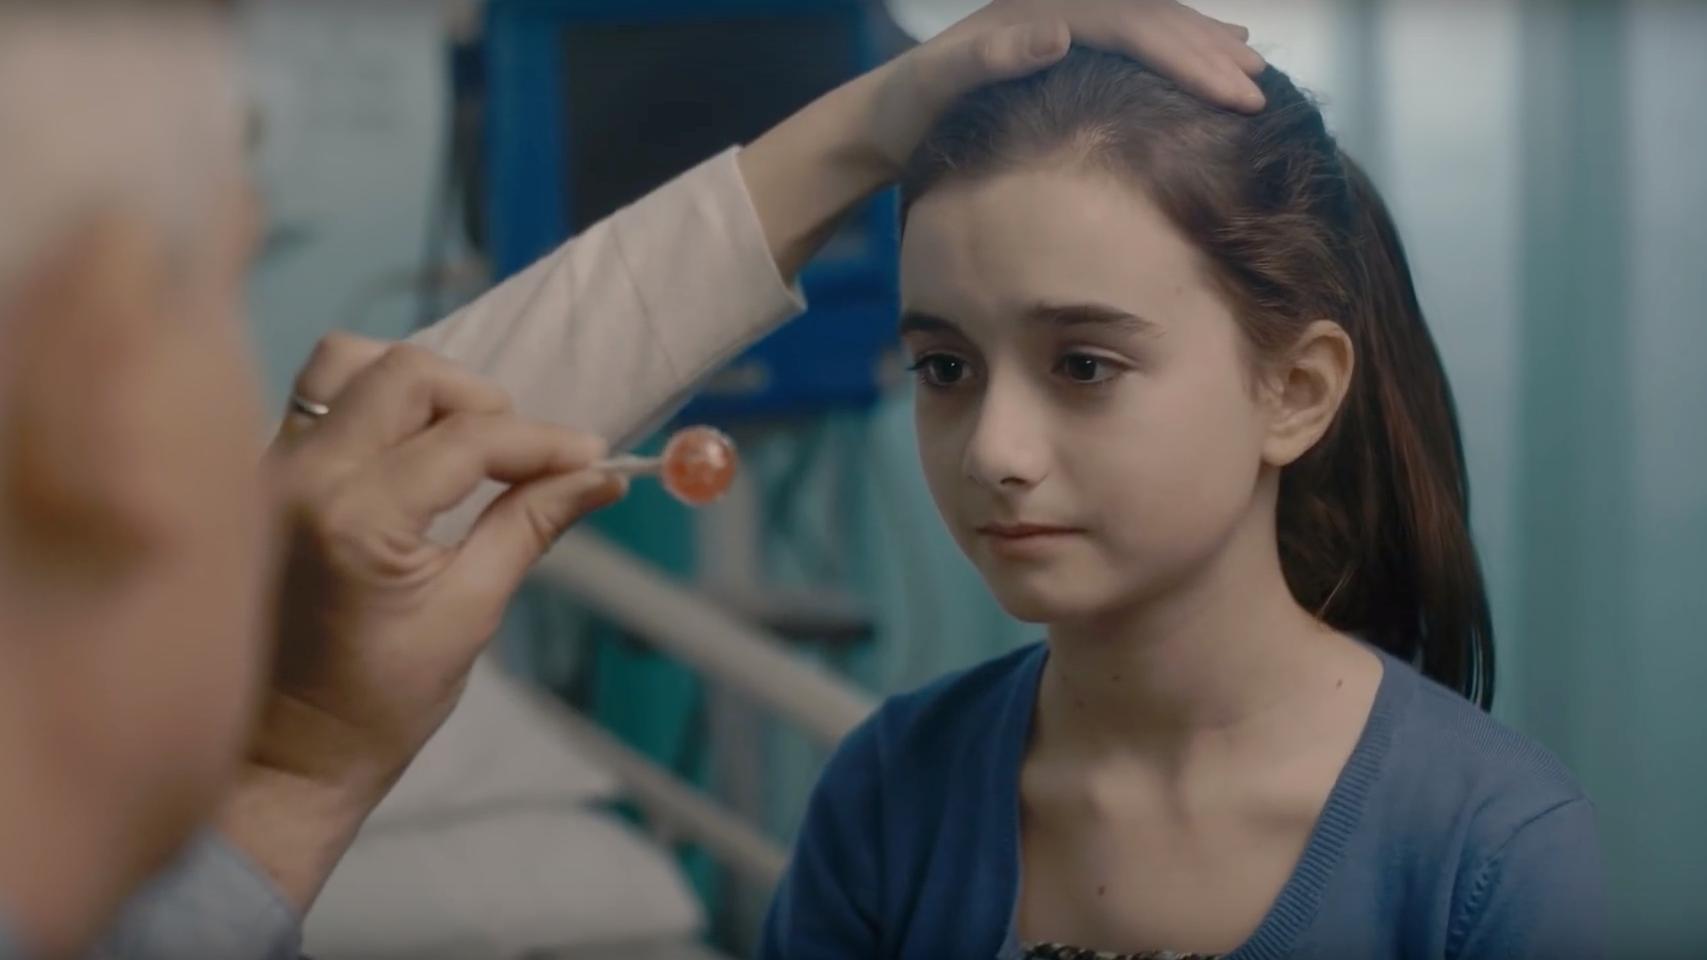 Stillbild från filmen. Millie ser bekymrad ut under en undersökning. En läkare håller en hand på hennes huvud och en annan person håller ett klubbliknande föremål framför henne.